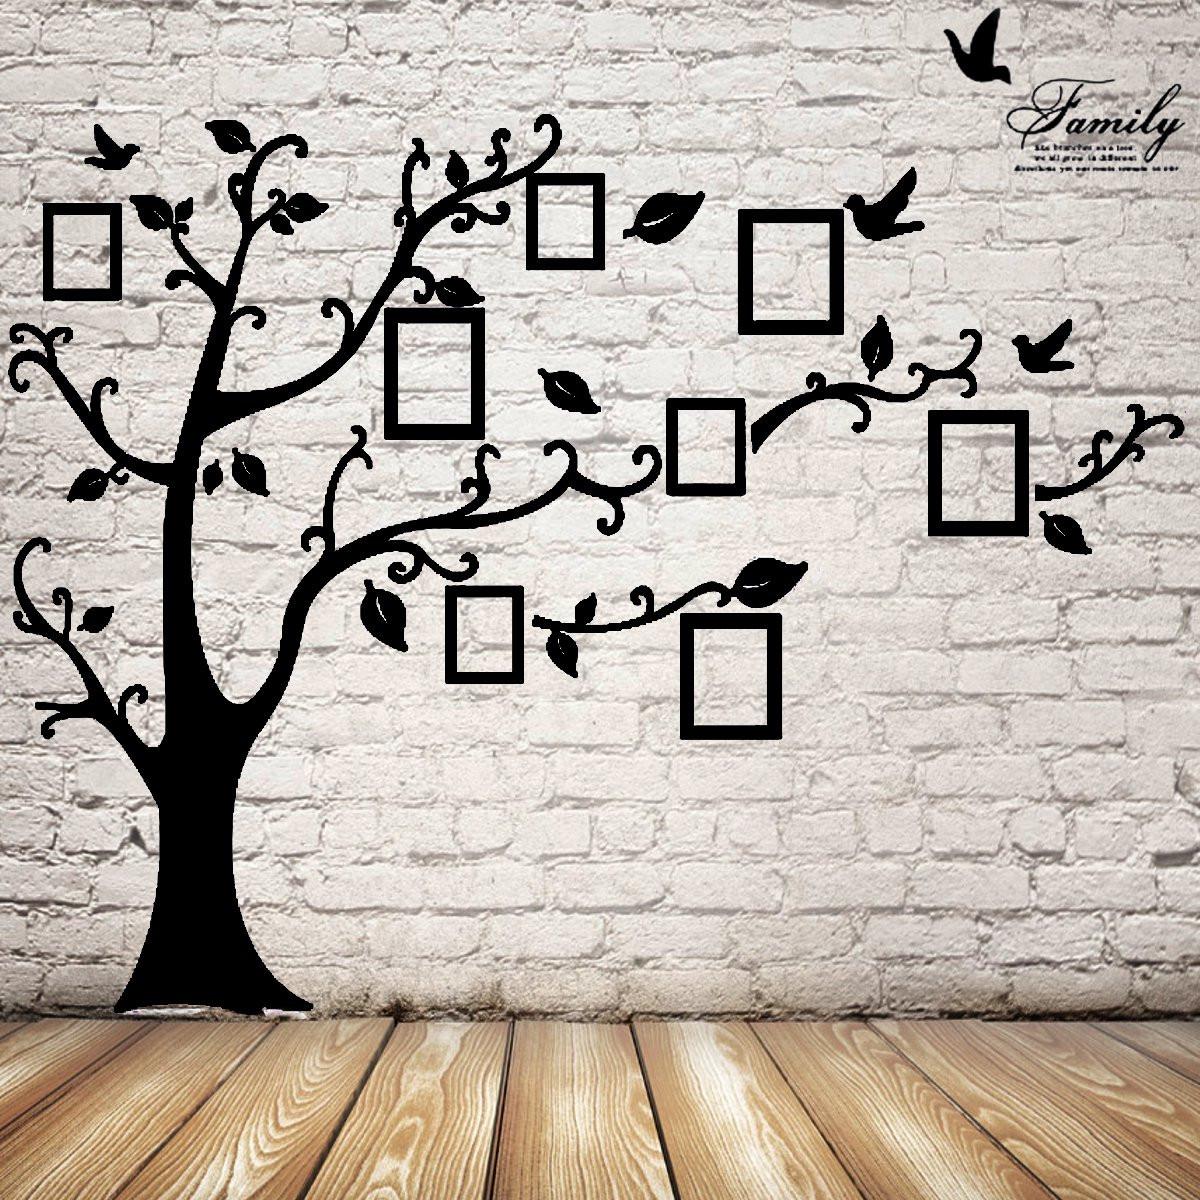 2.5м дерево съемная память фоторамки обои фото стены стикеры декор птица стене комнаты черный